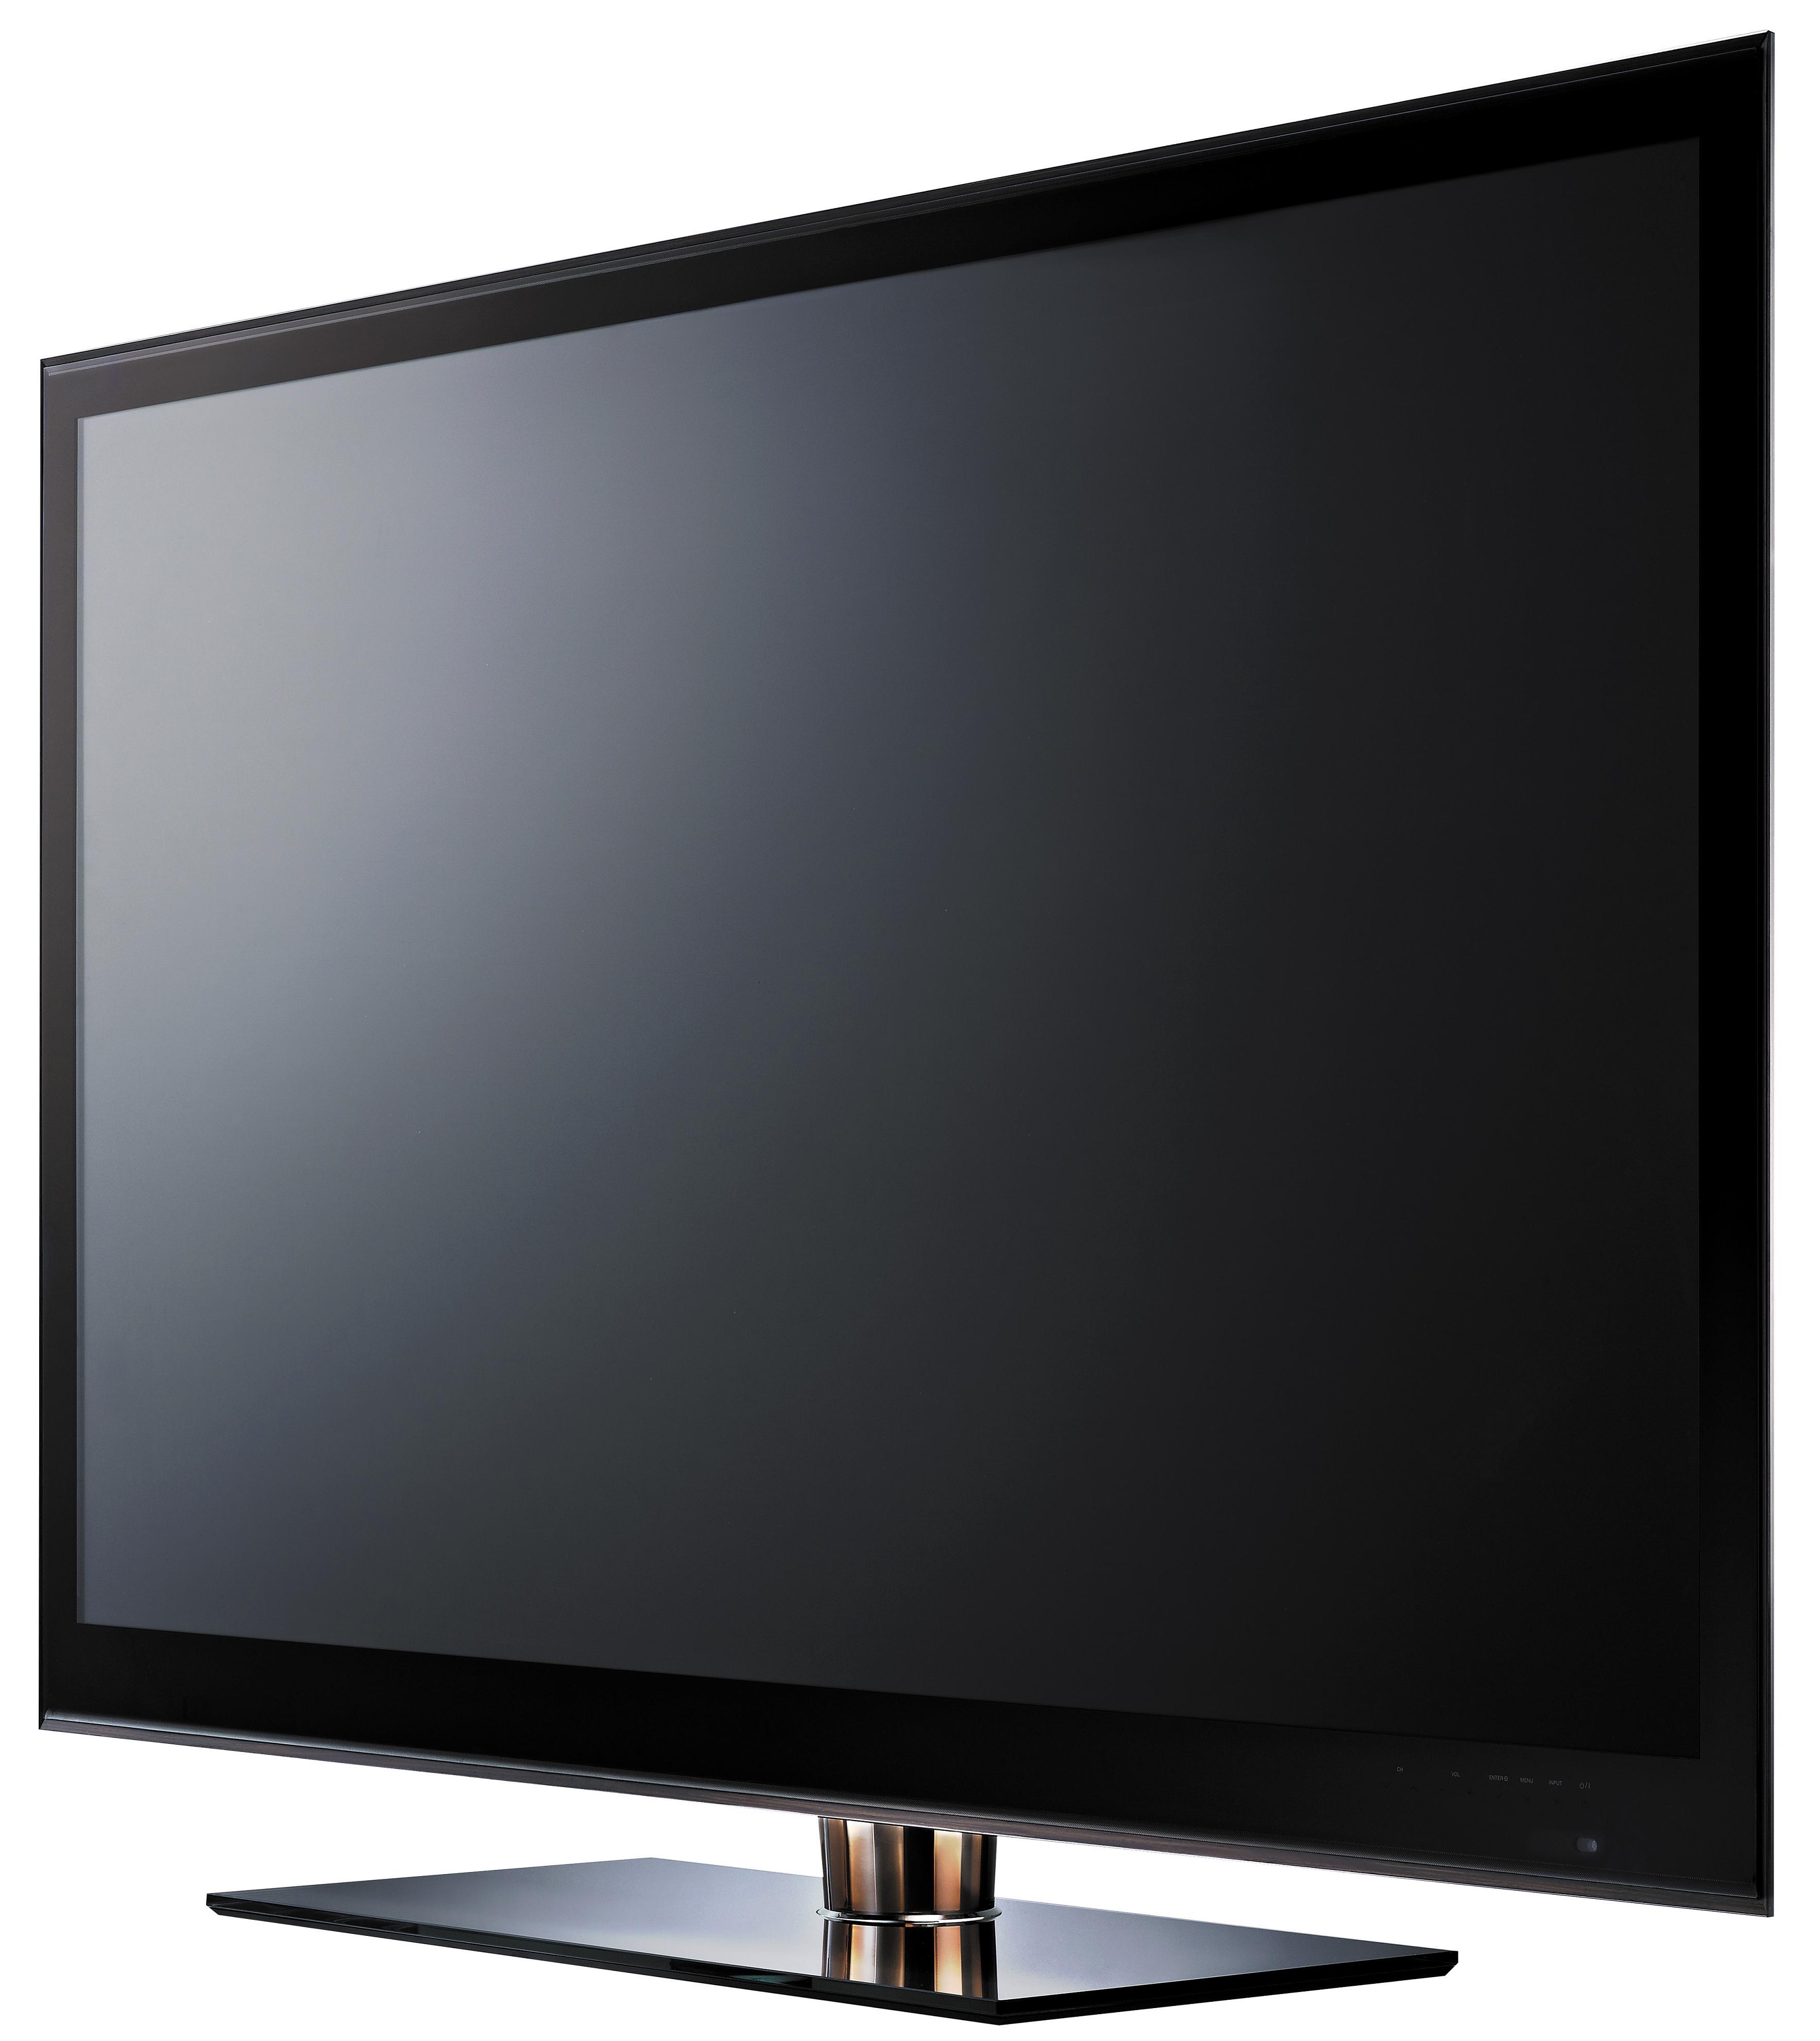 LG's 77-inch LEX9 FULL LED 3D TV